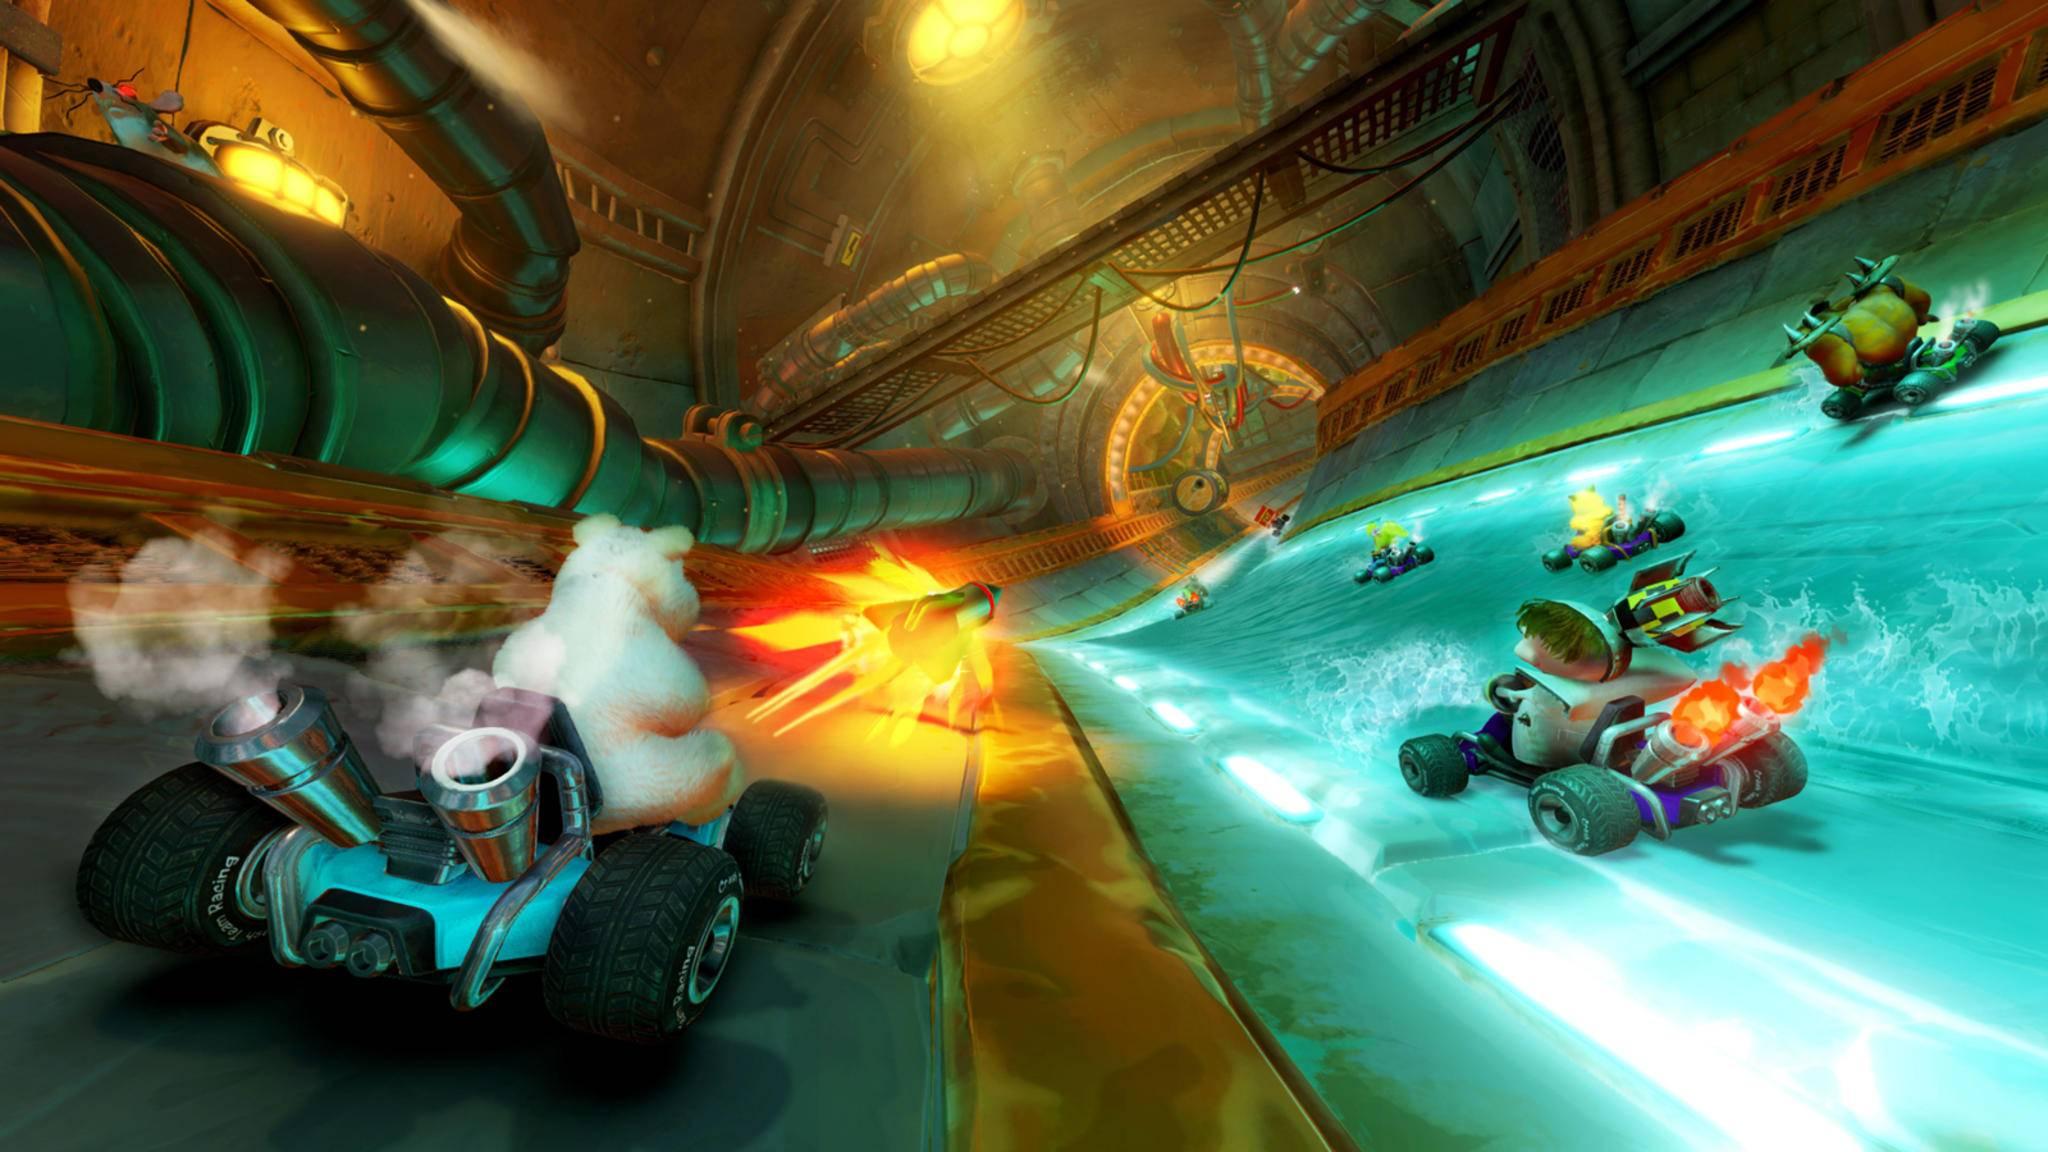 """Du schaffst es in """"Crash Team Racing"""" einfach nicht auf's Podium? Dann könnten Dir die versteckten Abkürzungen helfen."""